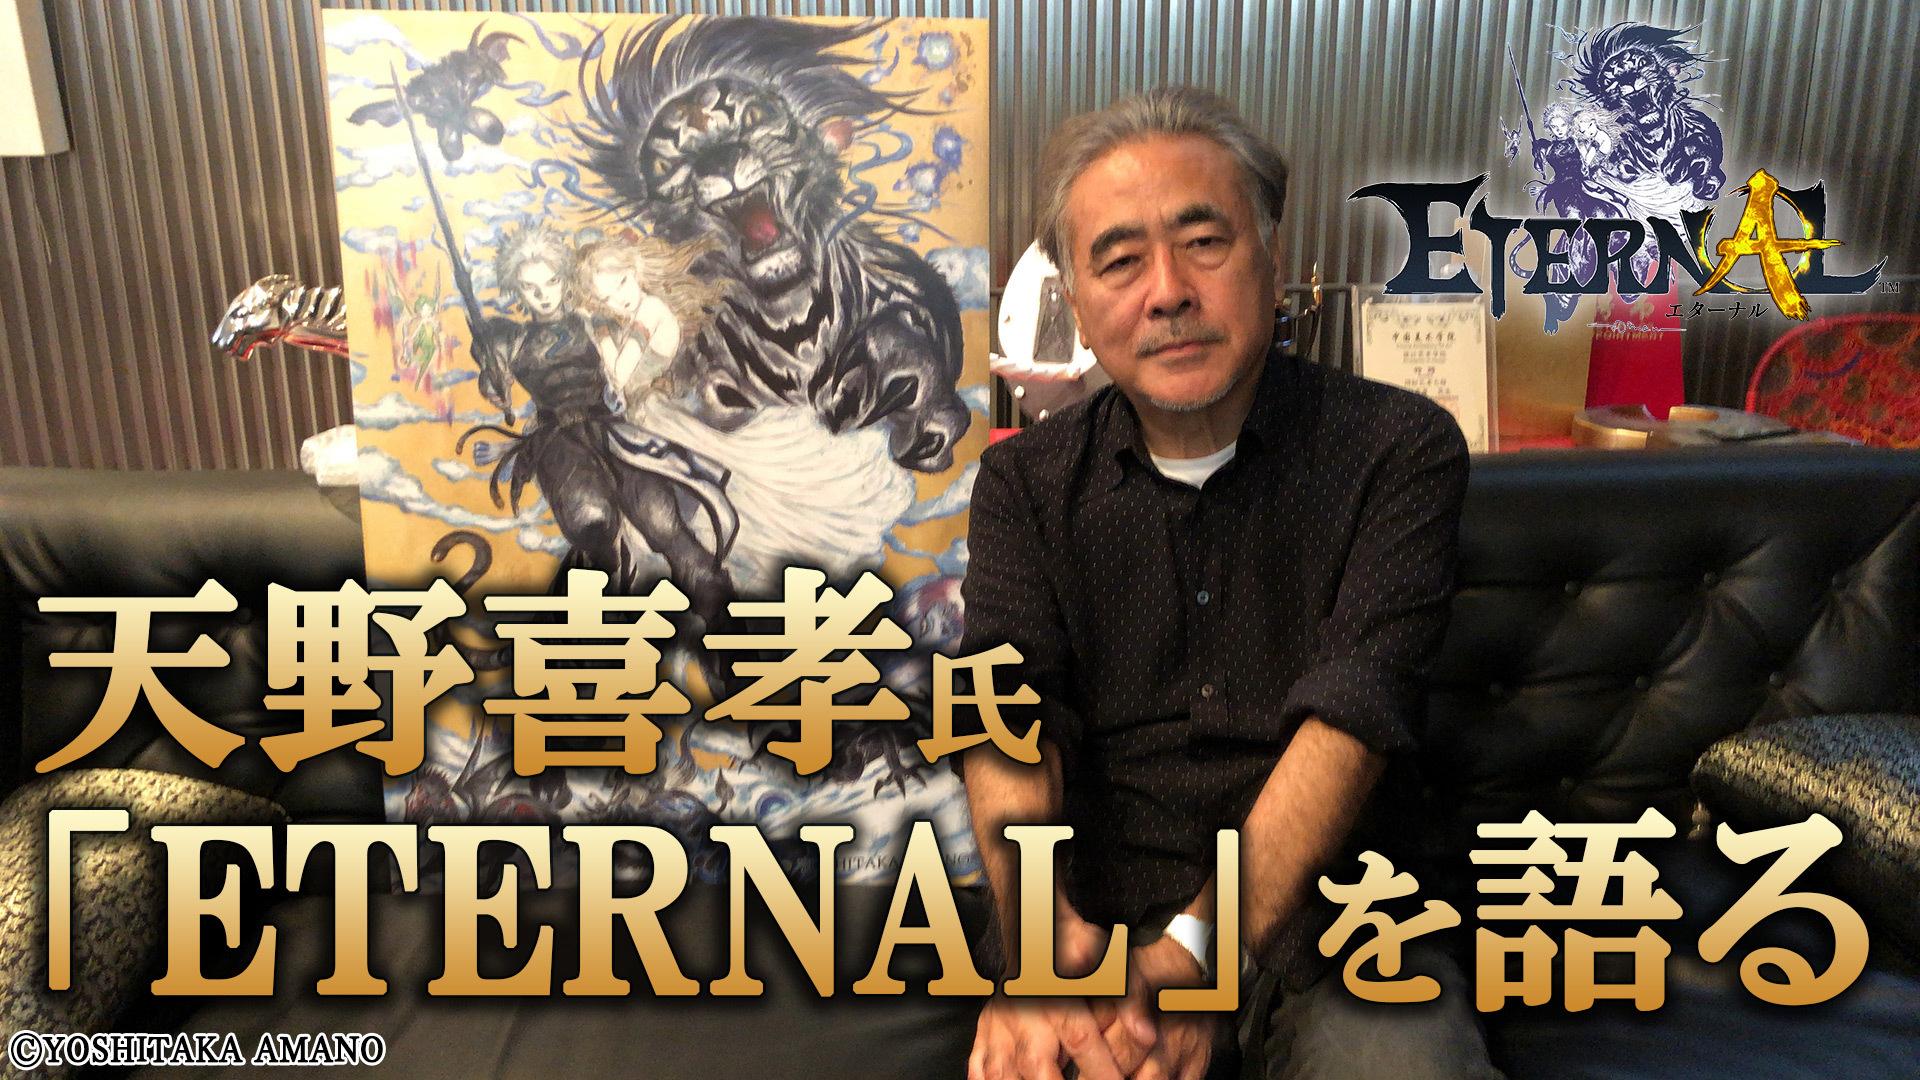 正統日製MMORPG智慧手遊《ETERNAL》即將在台發行